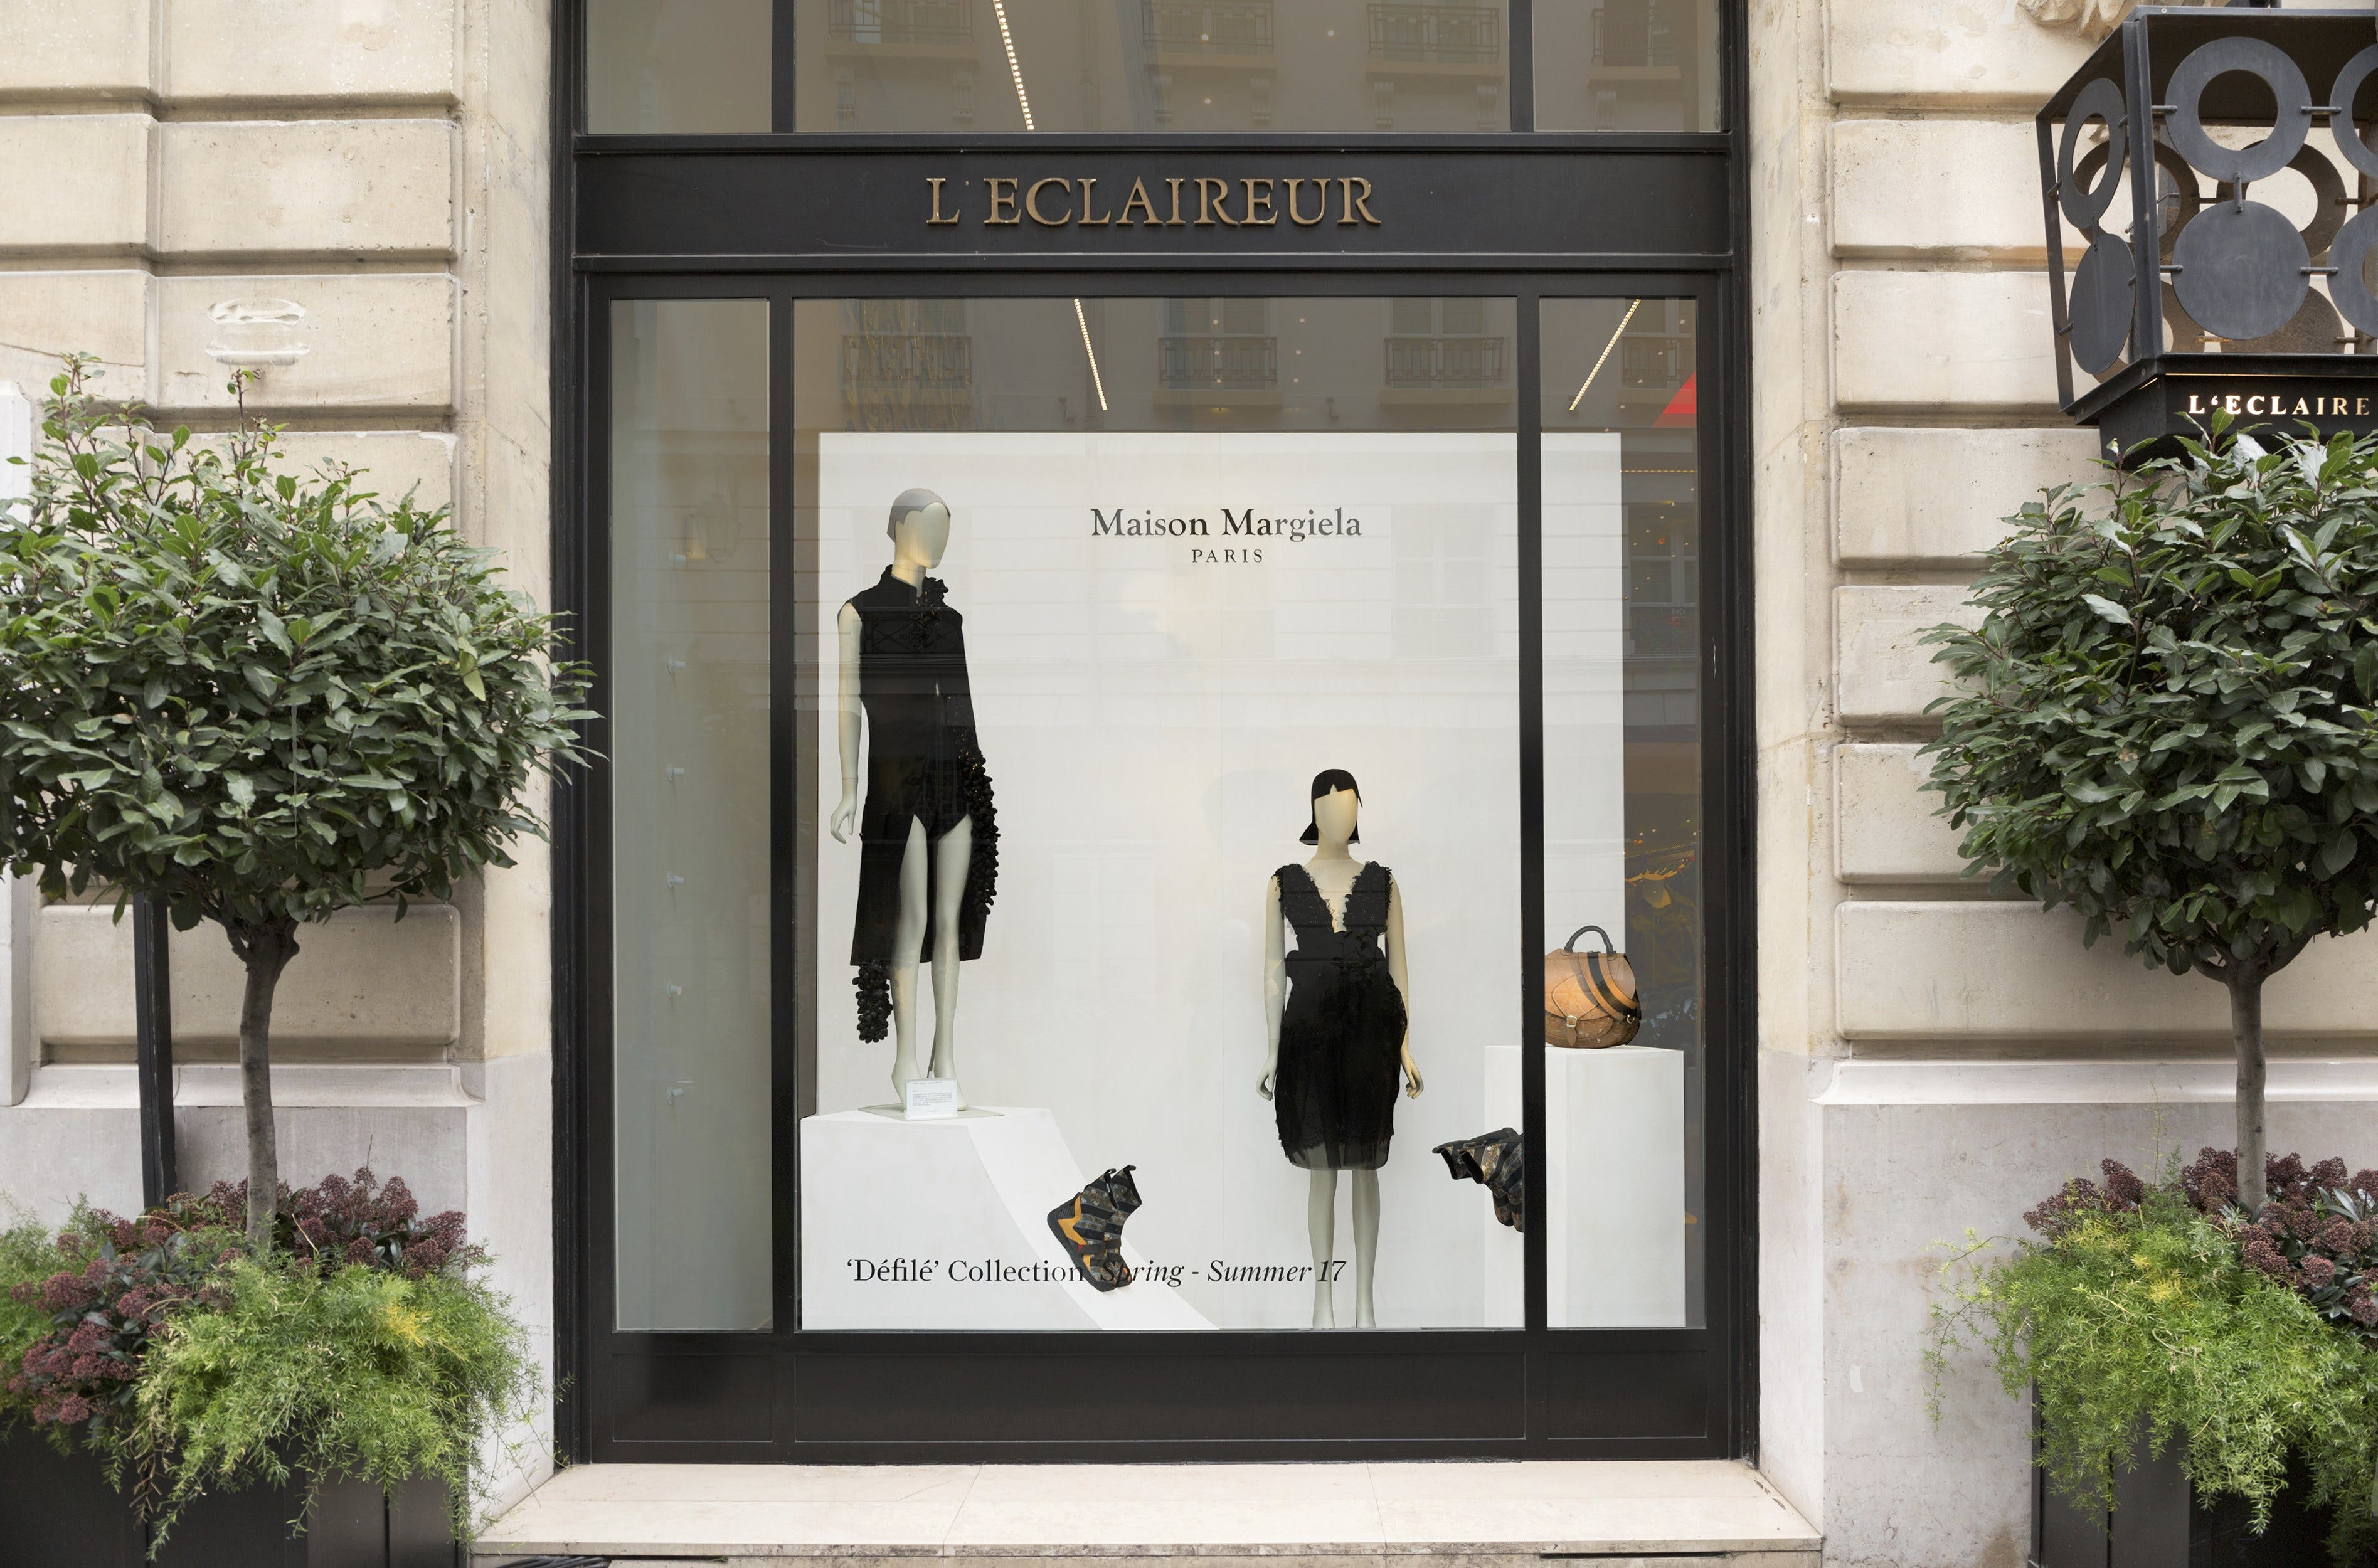 Leclaireur x Maison Margiela article header